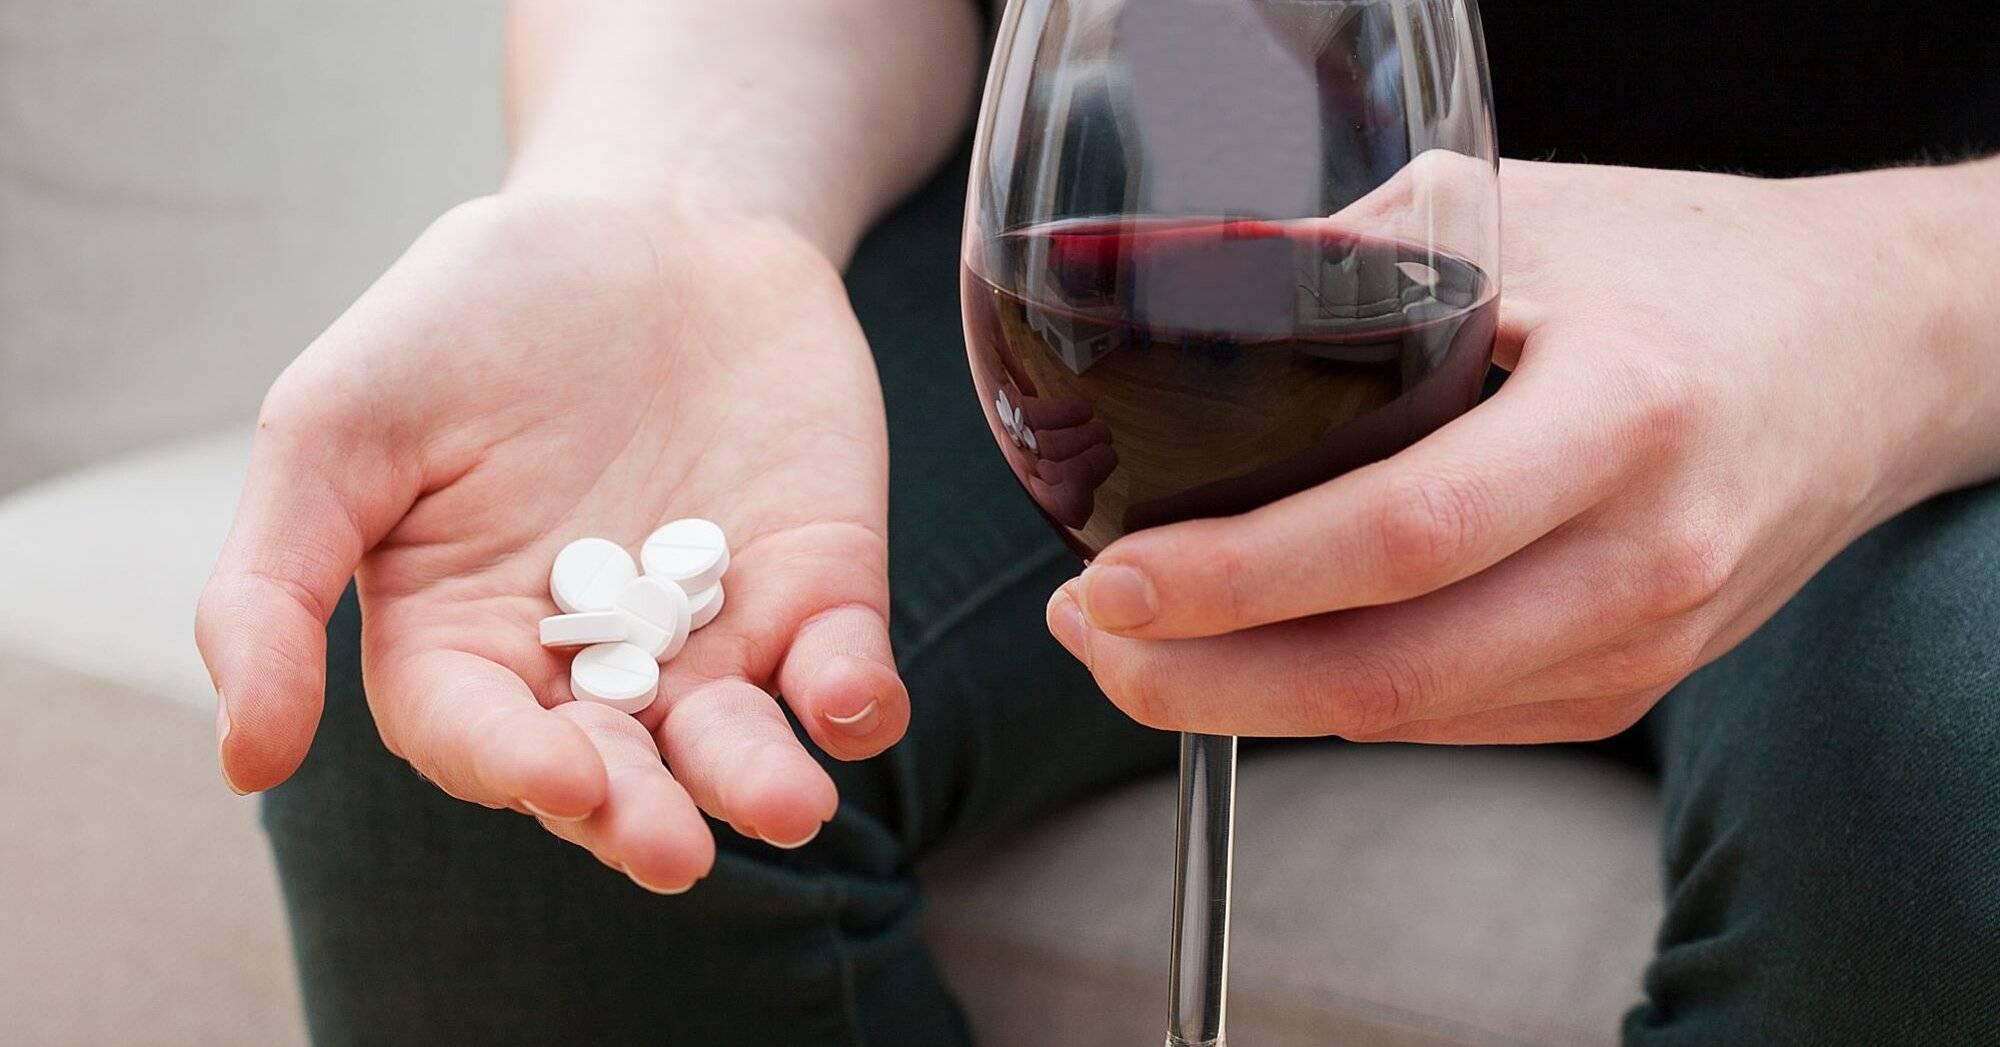 Обезболивающие средства и алкоголь